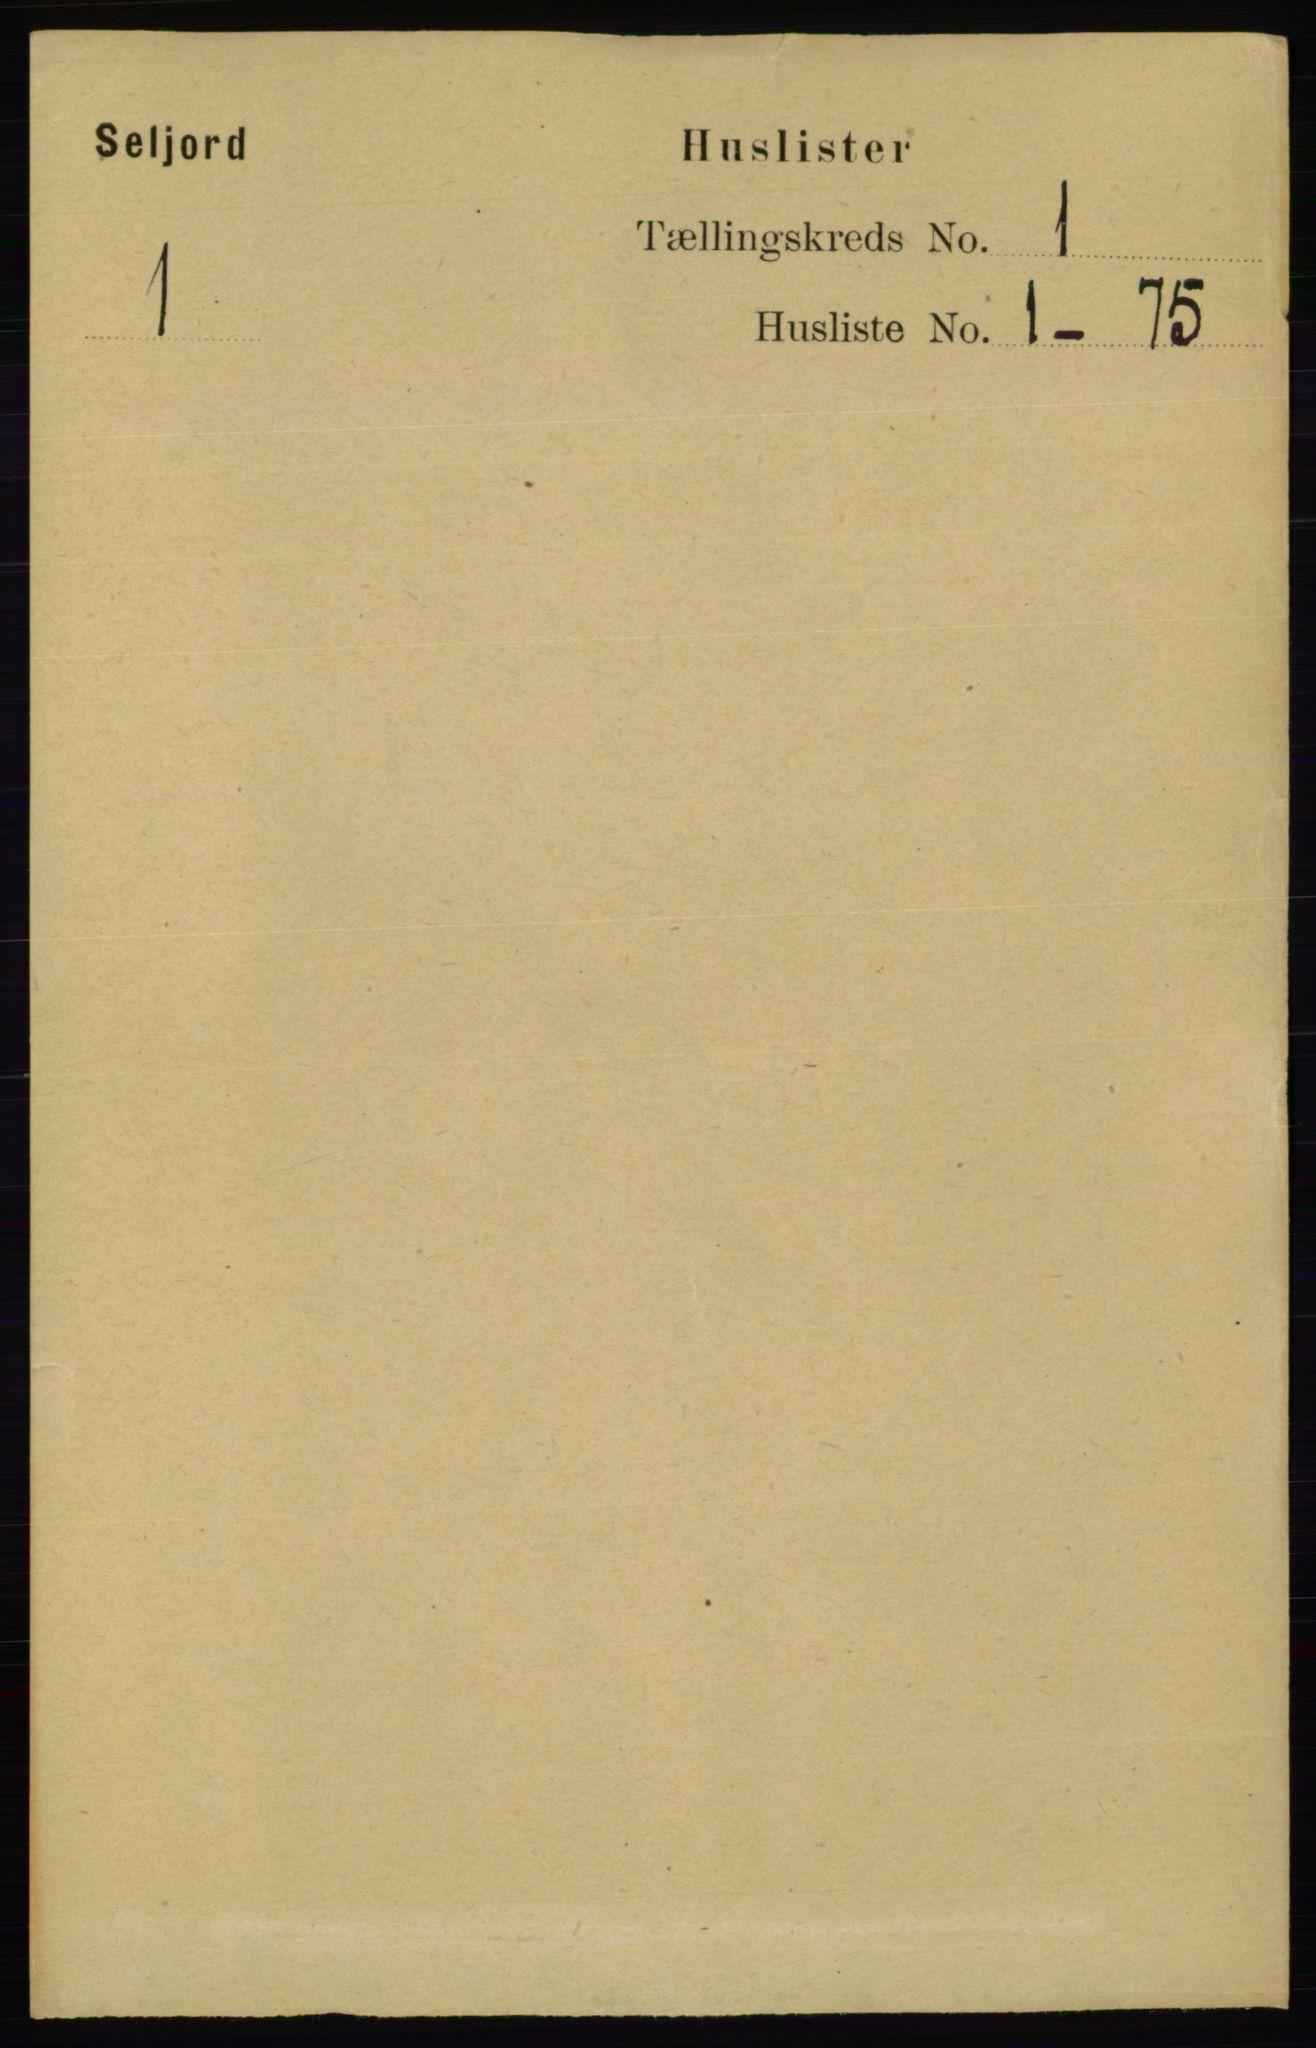 RA, Folketelling 1891 for 0828 Seljord herred, 1891, s. 27